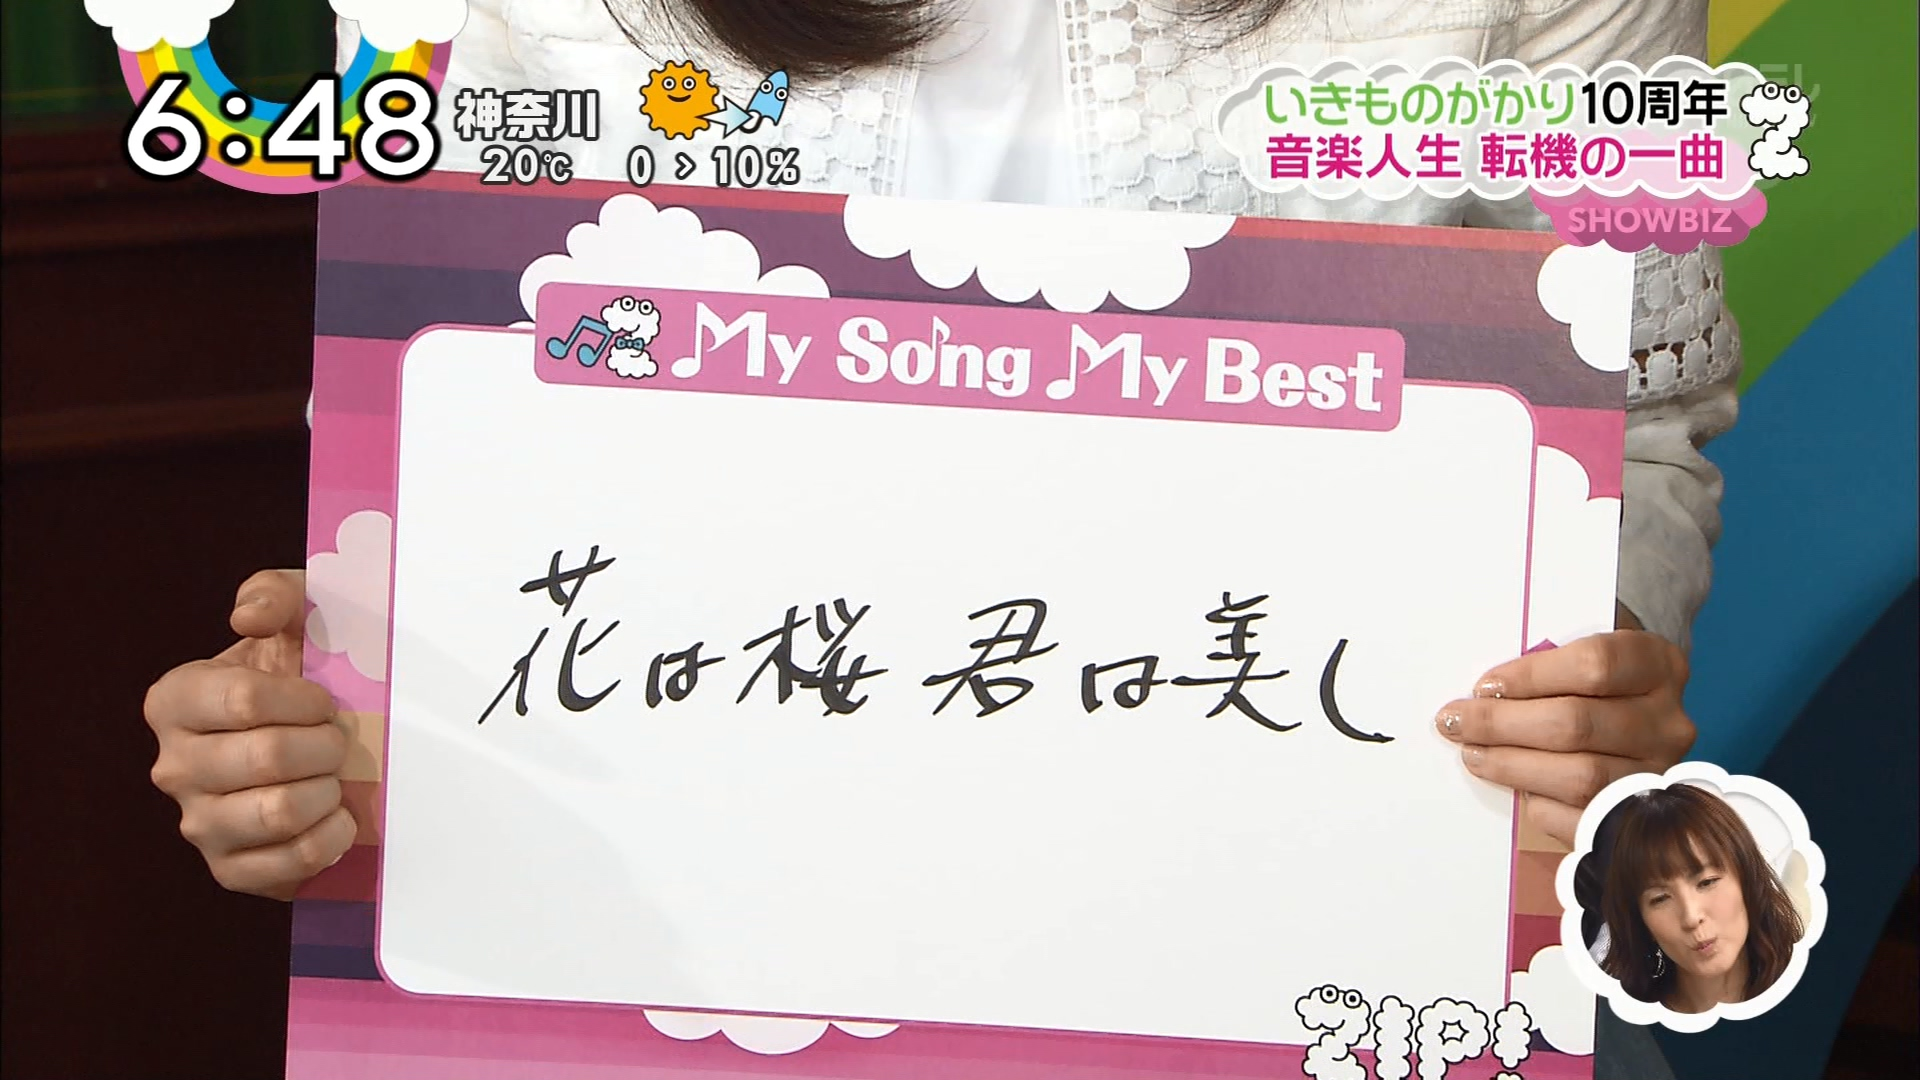 2016.03.18 いきものがかり10周年 - 愛される名曲の秘密(ZIP!).ts_20160318_081151.357